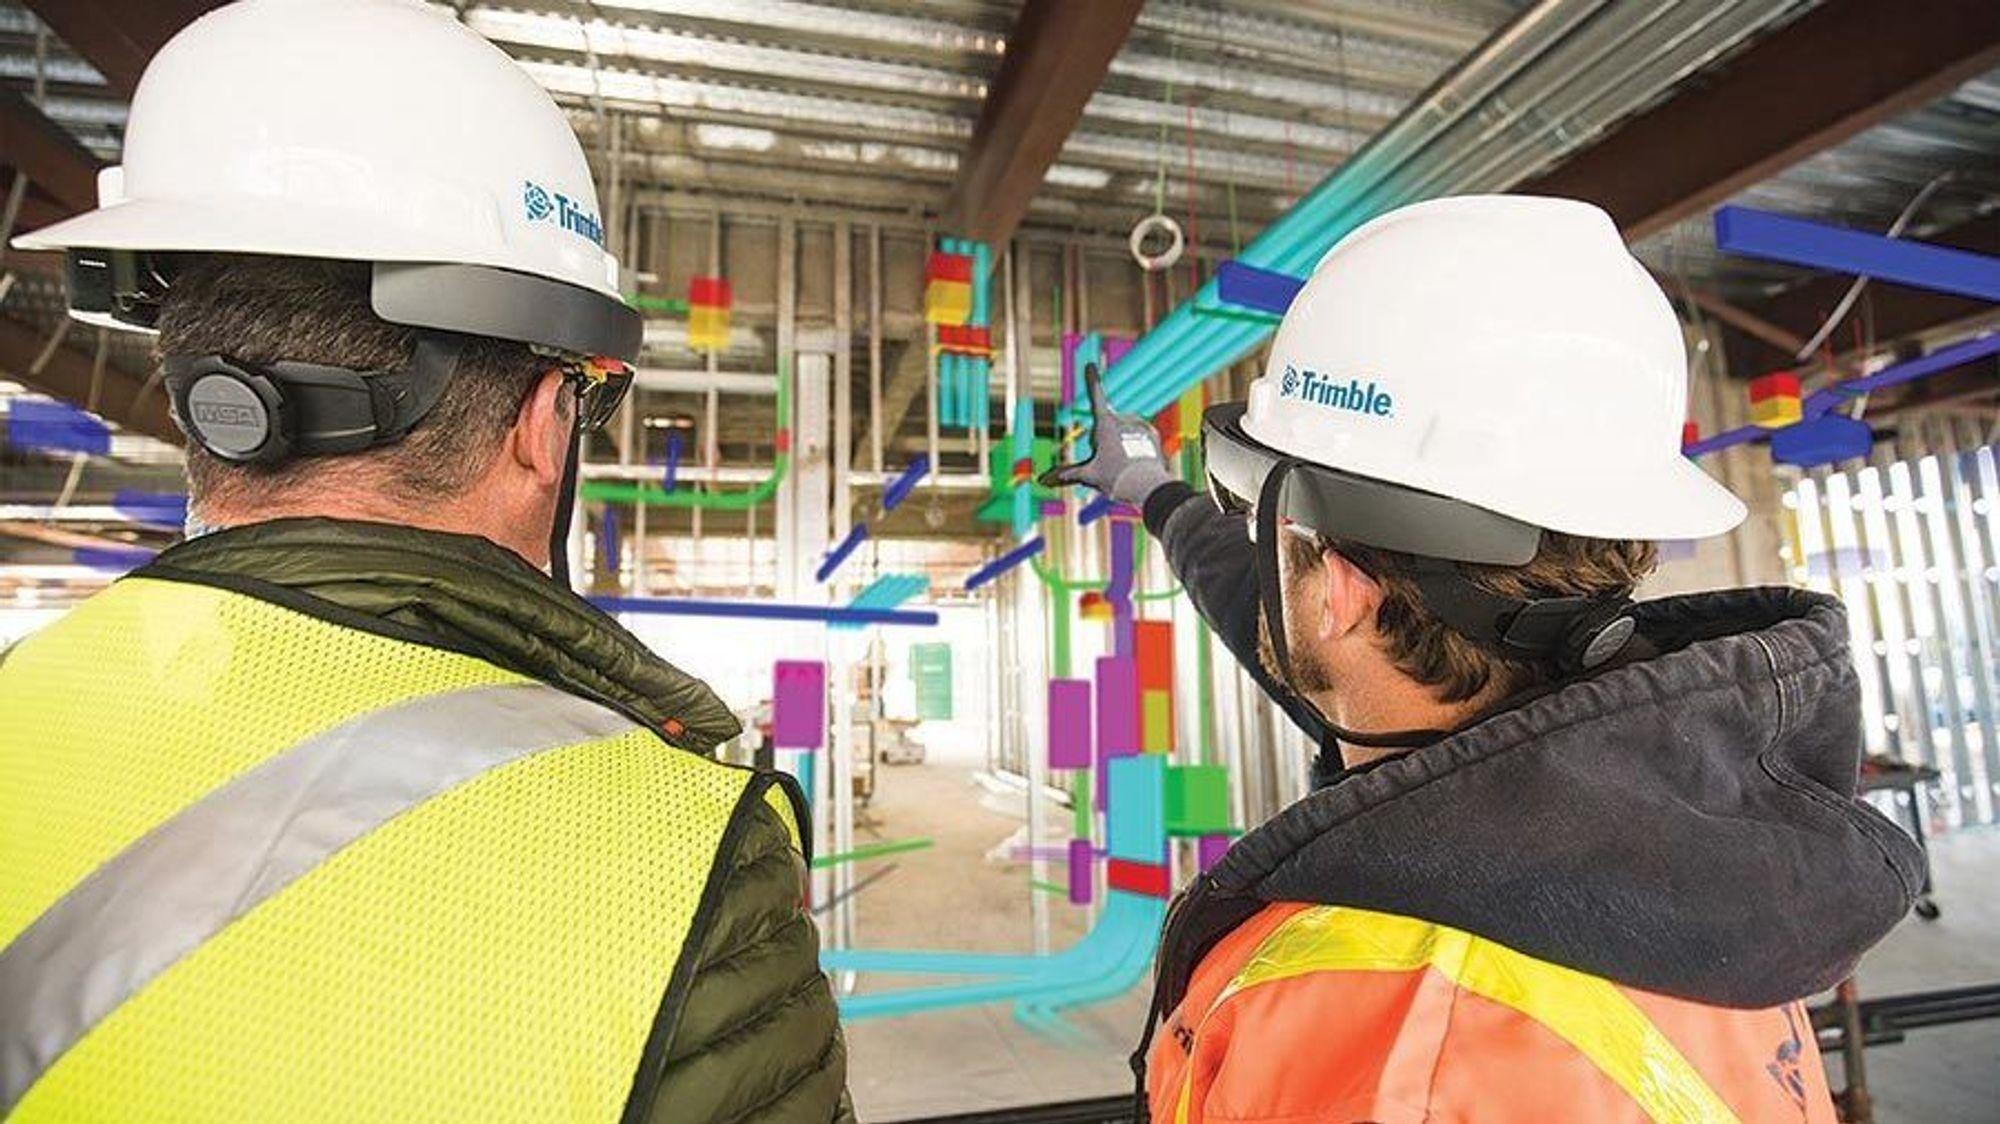 Trimble Connect bruker Microsofts Hololens-briller til sine virtuelle applikasjoner for byggebransjen.